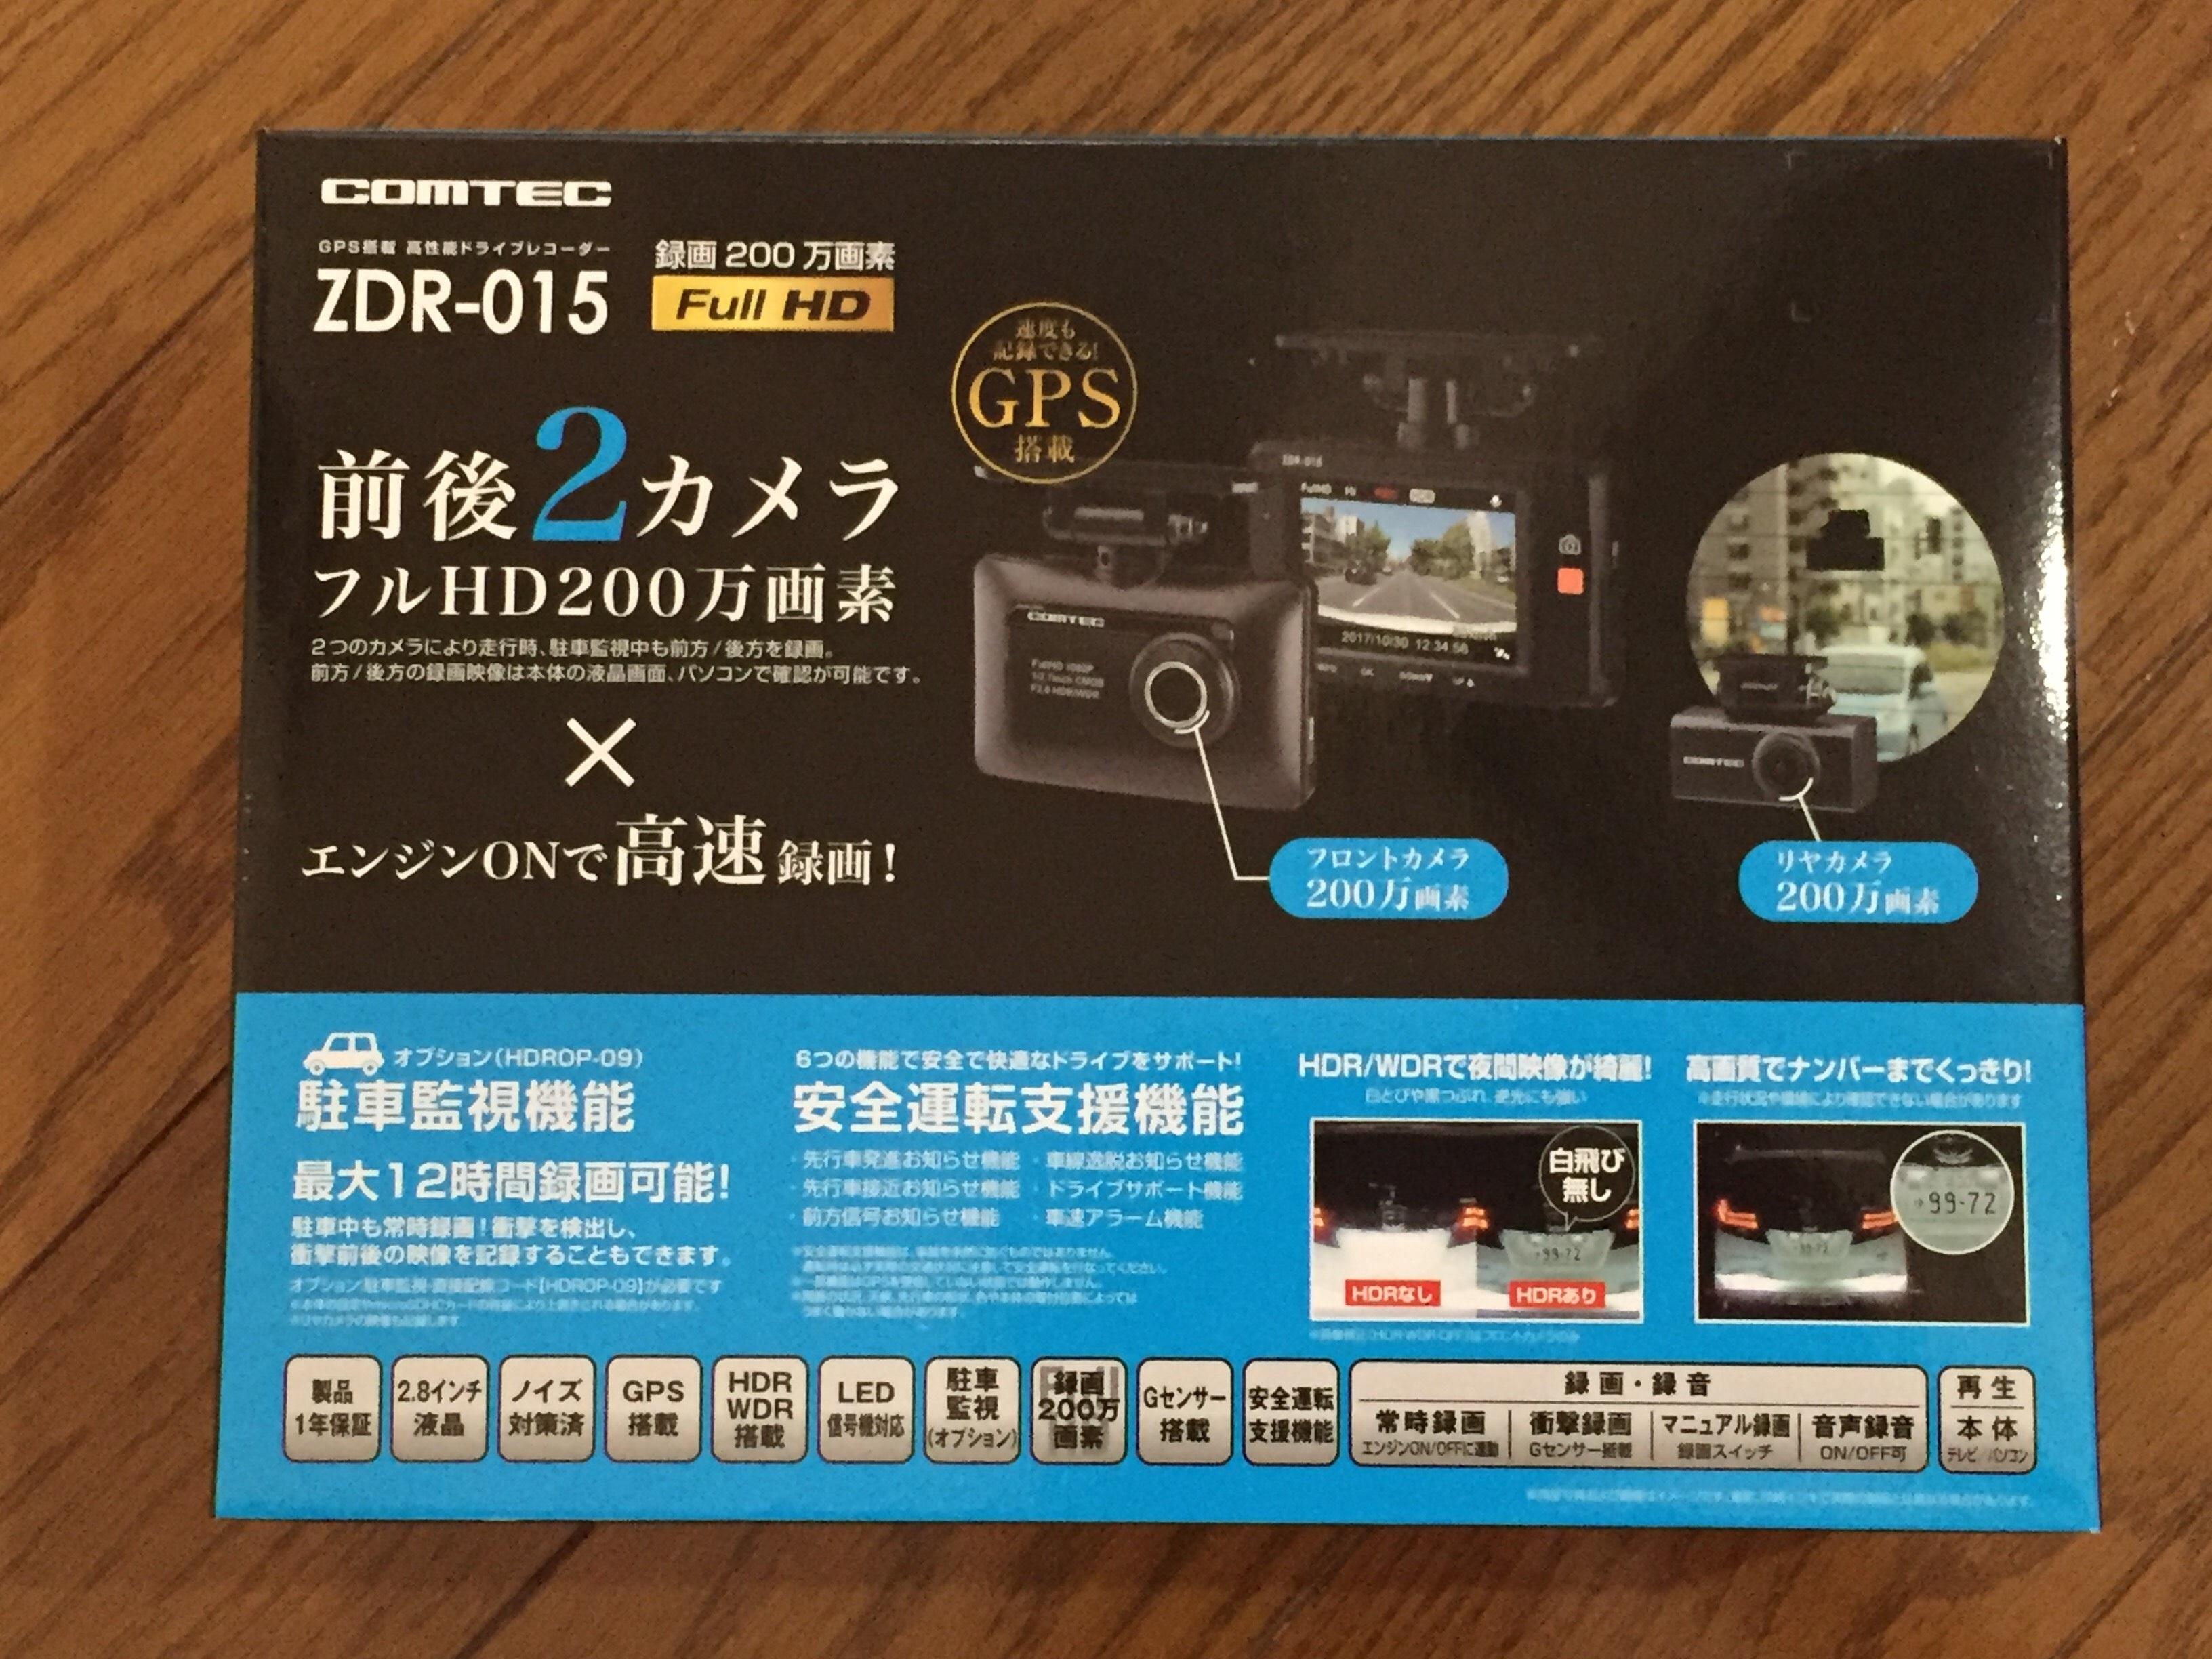 ZDR-015 ドラレコ